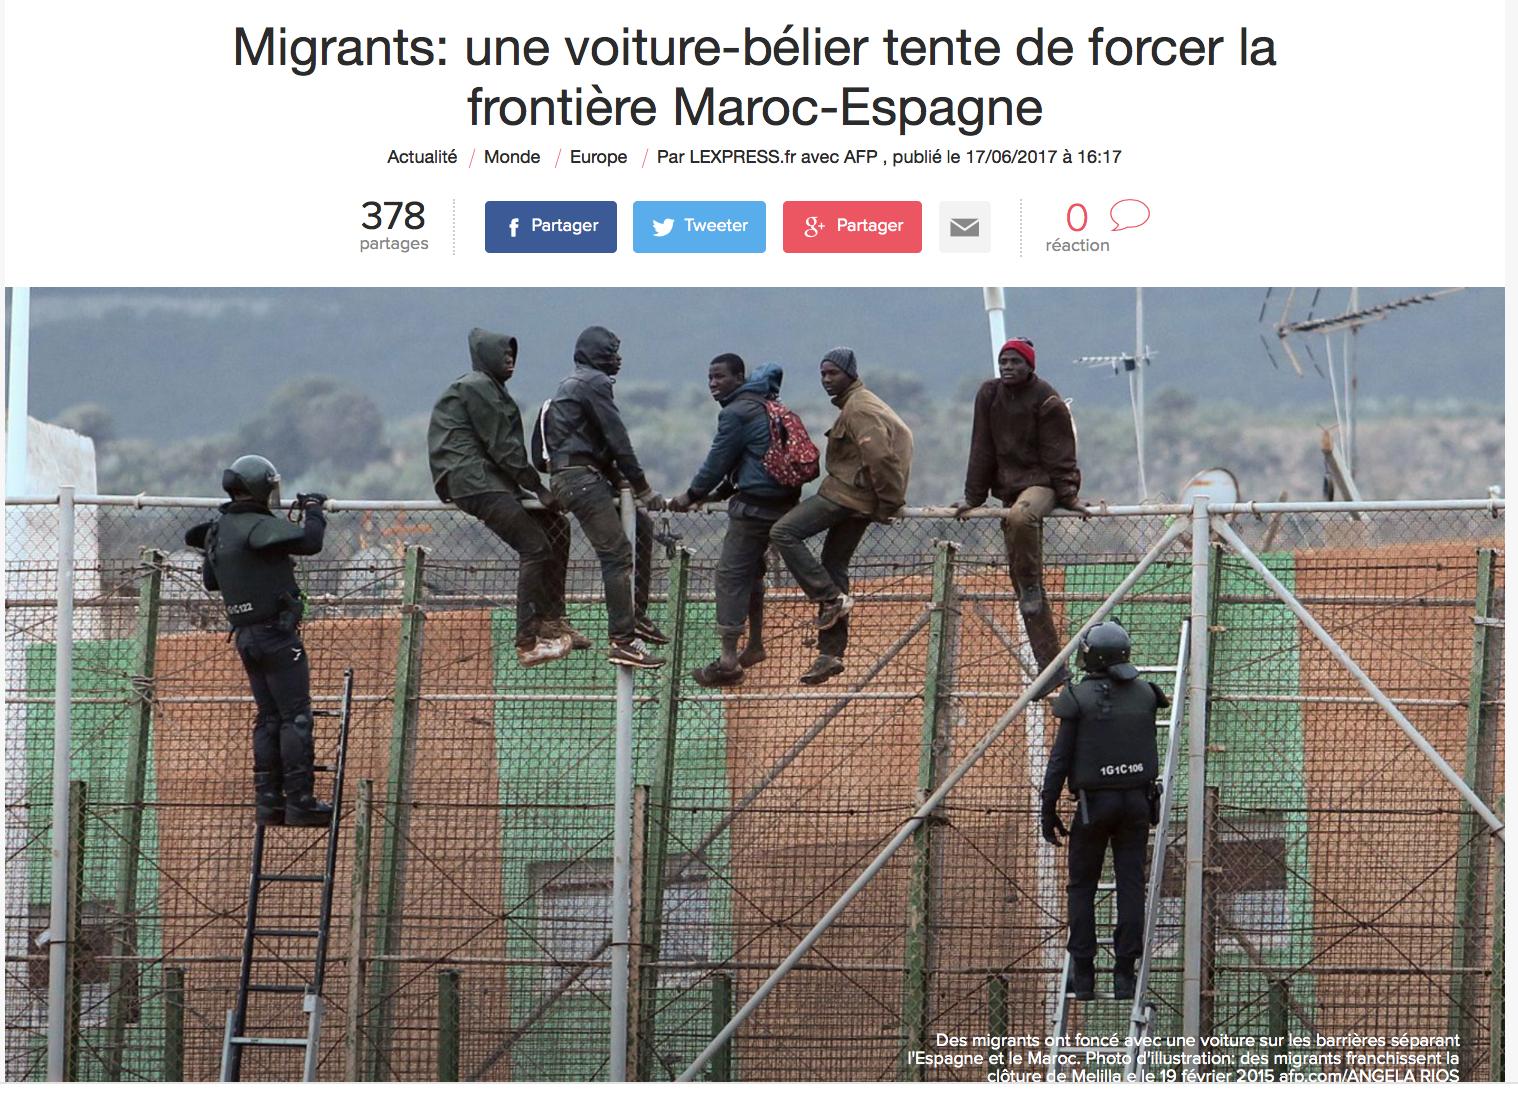 Les clandestins forcent la frontière à la voiture-bélier à présent !